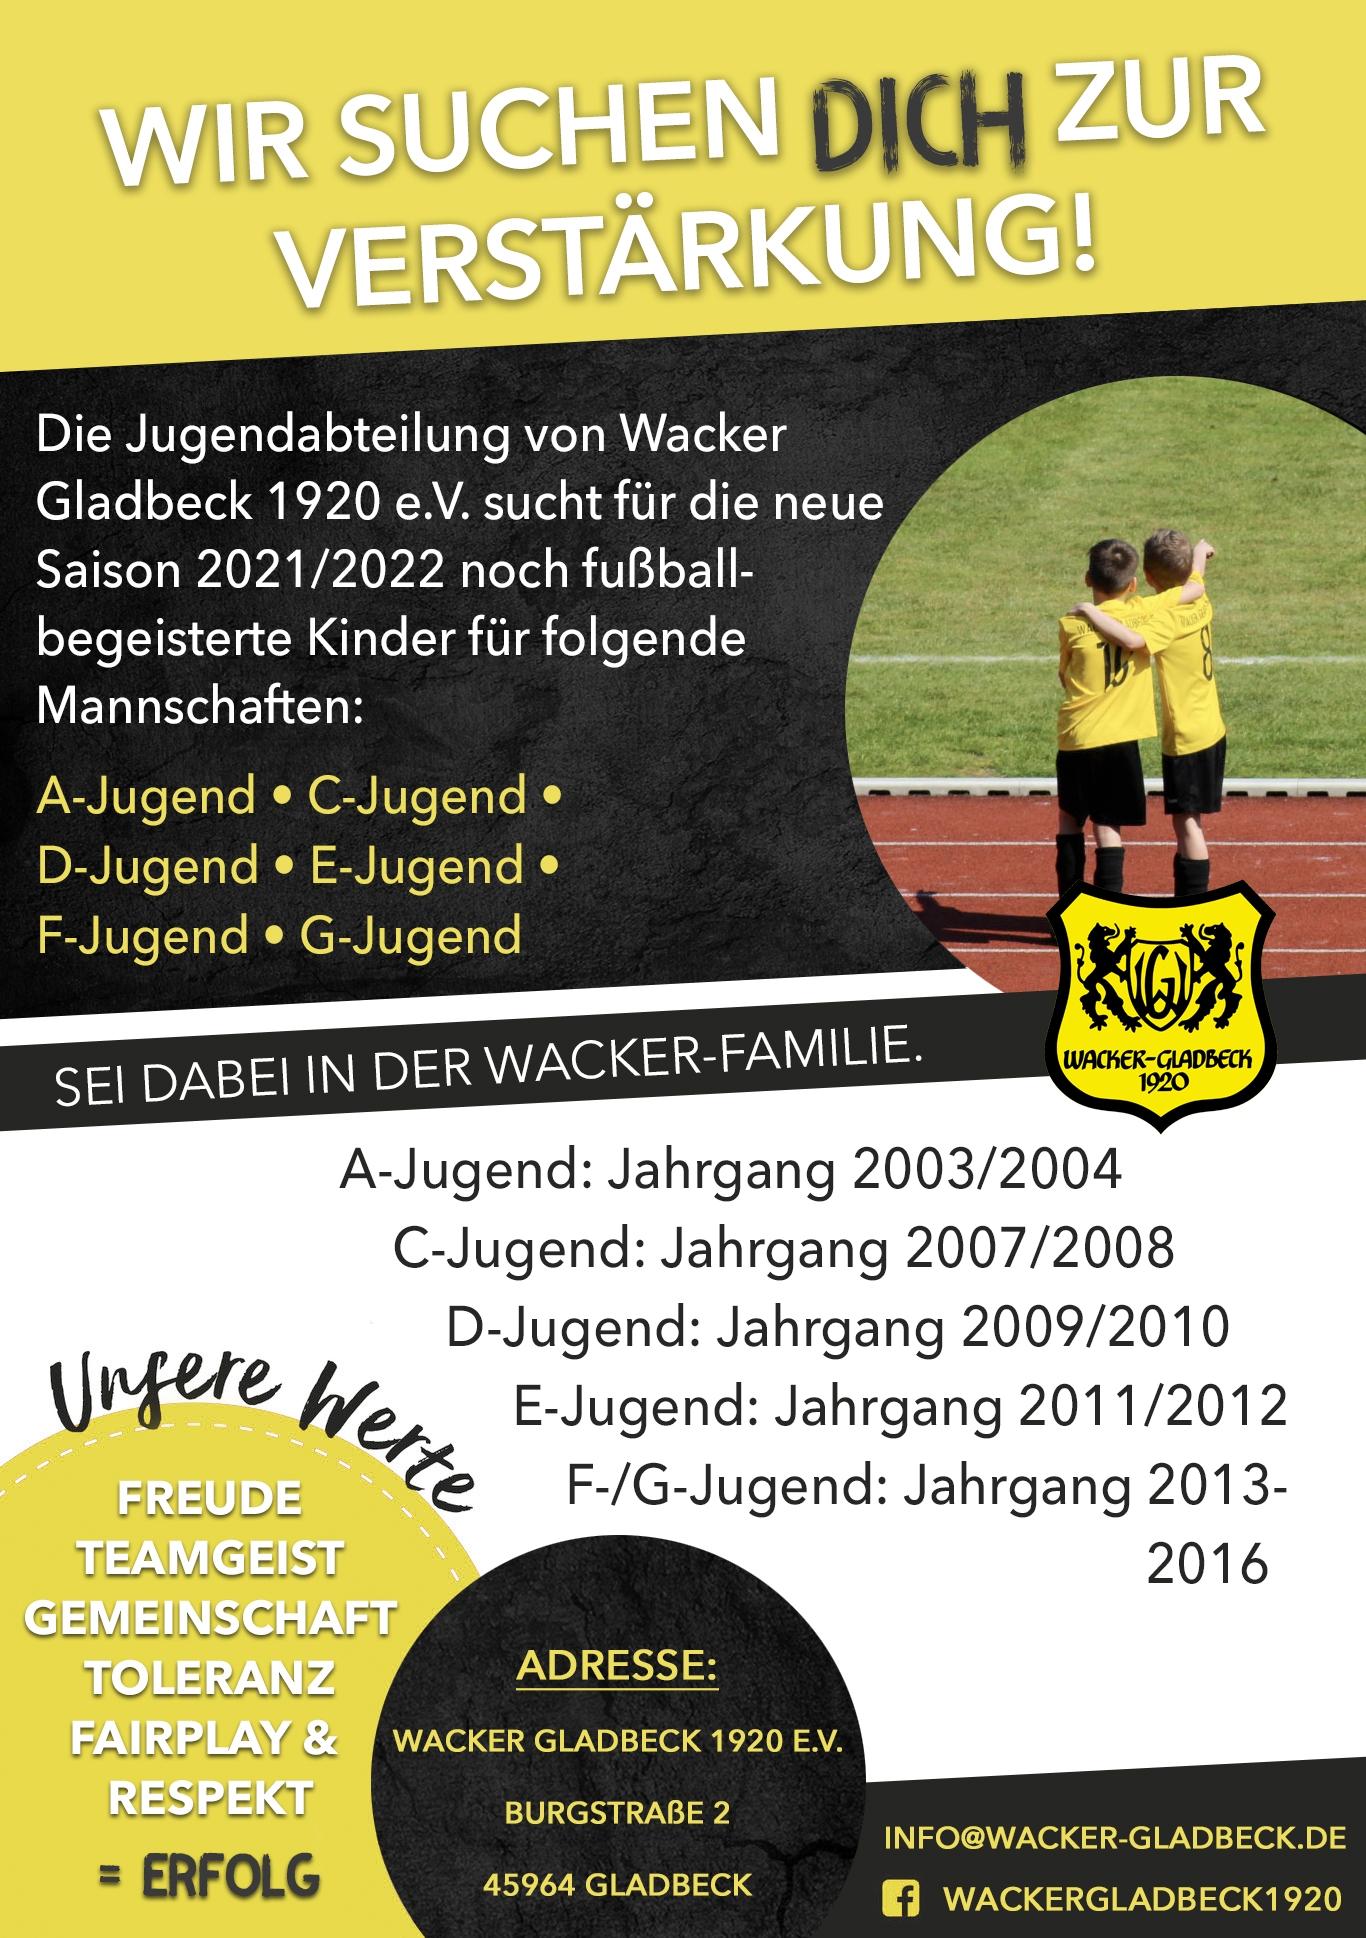 Wacker Gladbeck sucht Verstärkung für die Saison 2021/2022